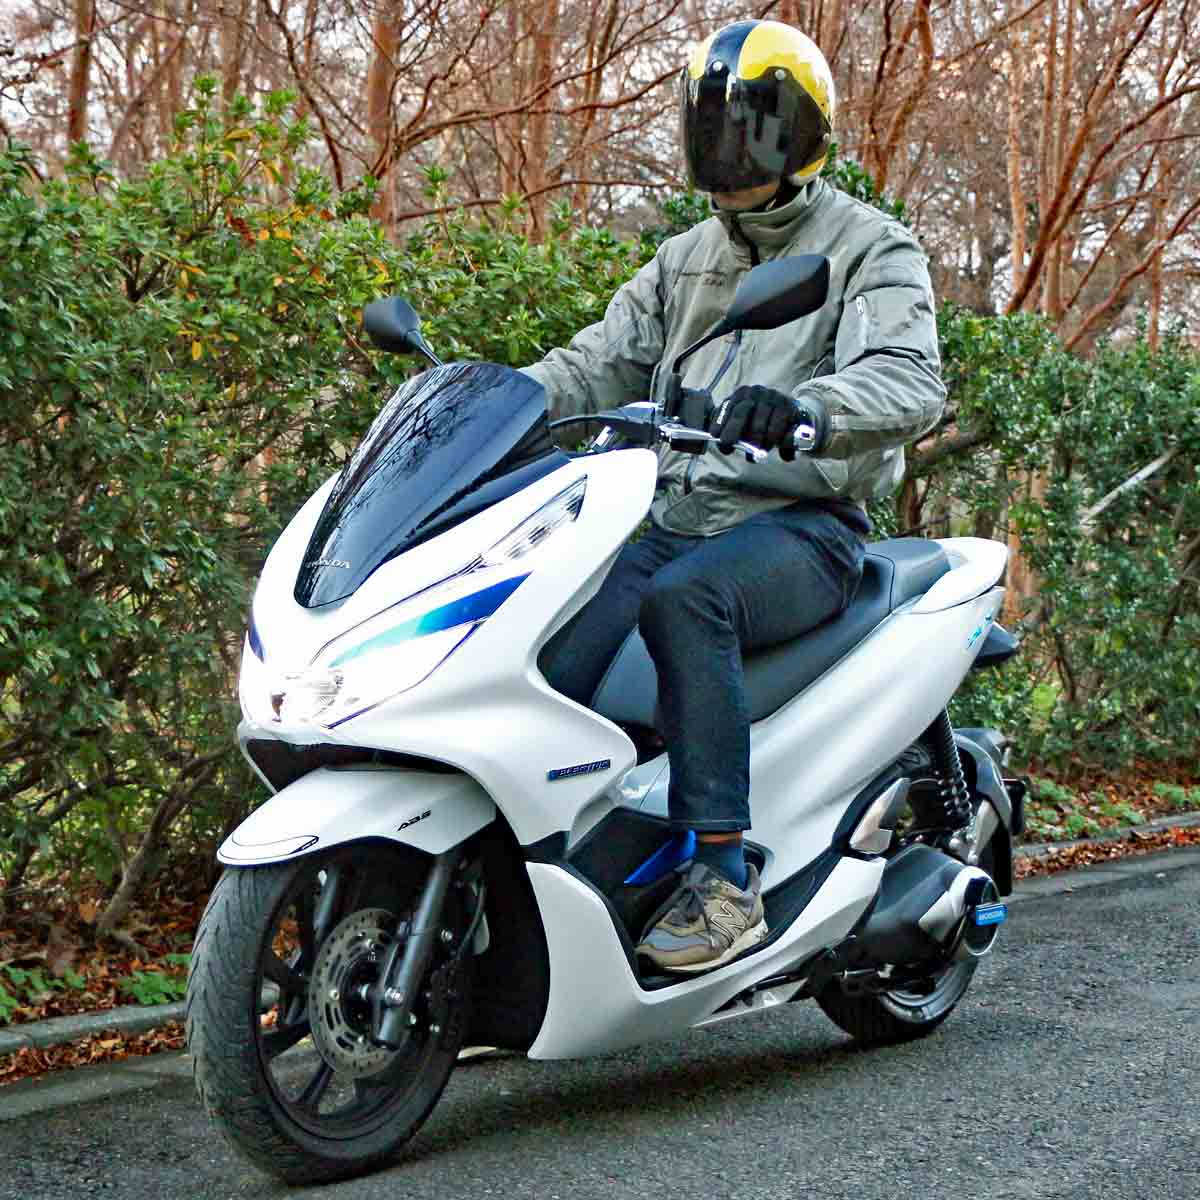 宮古島に行くなら乗ってみてほしい! ピカイチな完成度の電動バイク「PCX ELECTRIC」